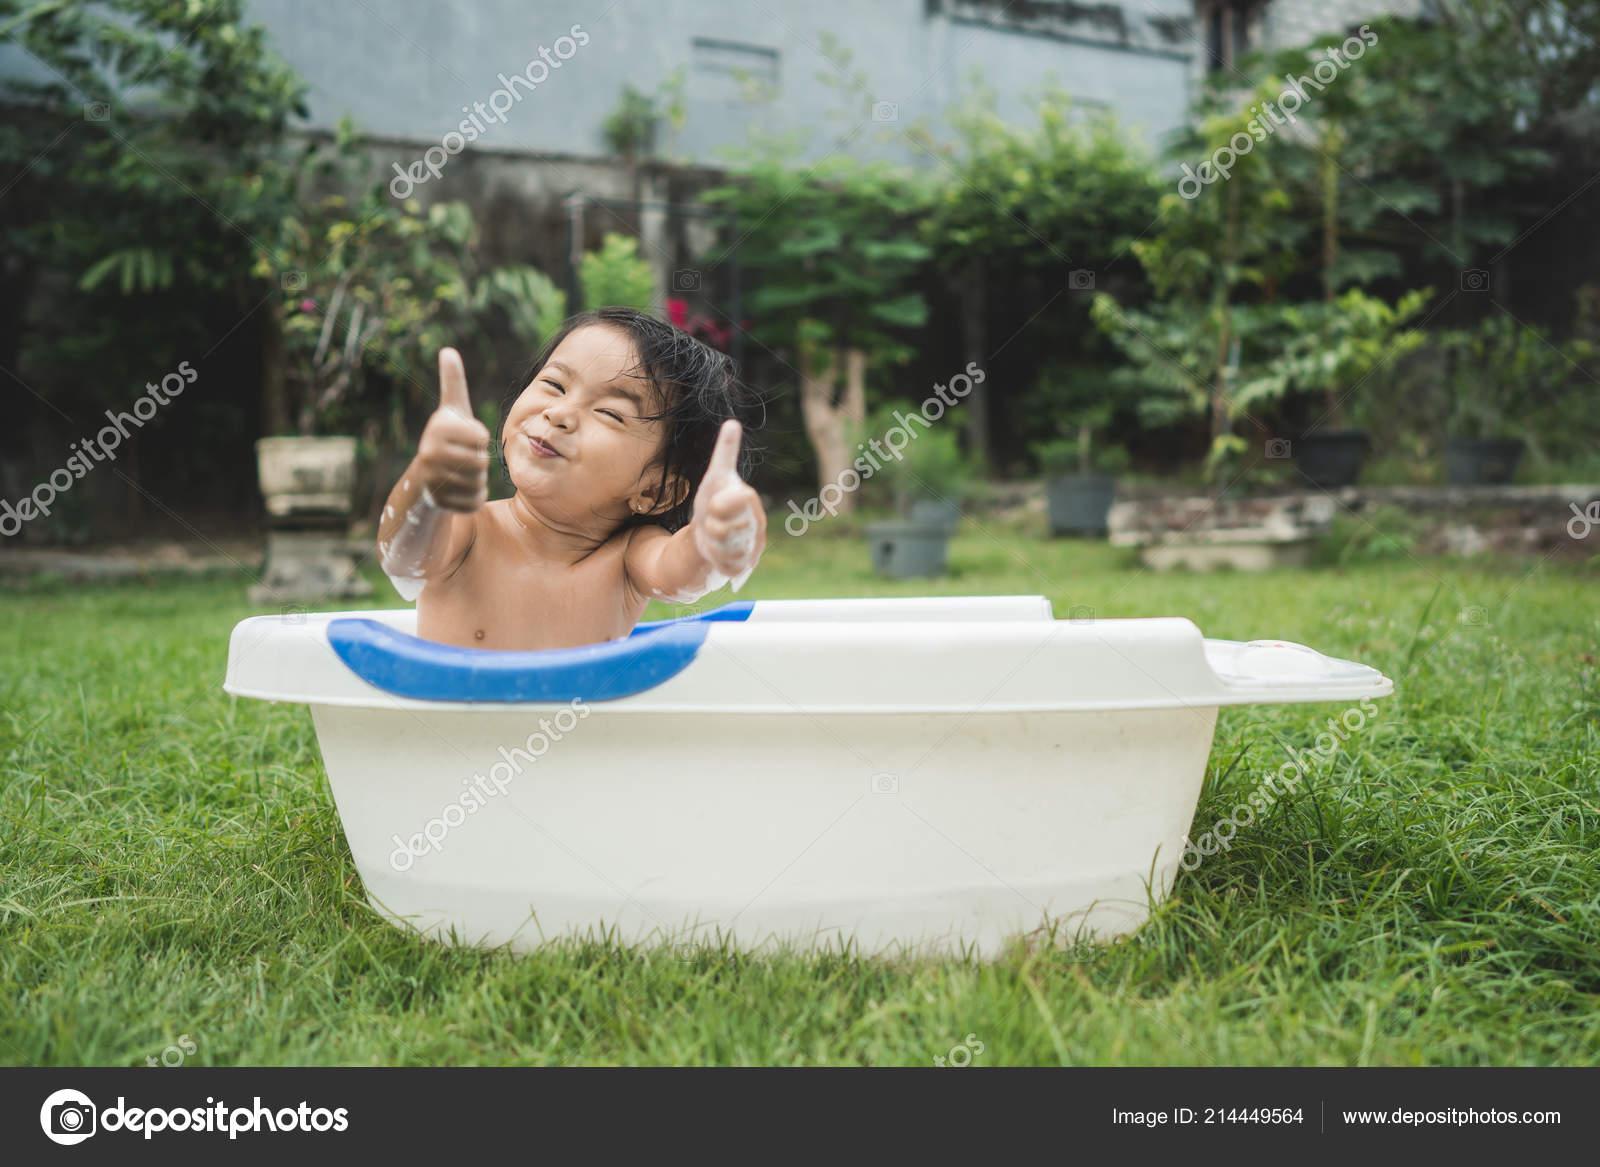 Giochi Di Fare Il Bagno Nella Vasca.Neonata Bella Felice Fare Un Bagno In Una Vasca Da Bagno Bambino